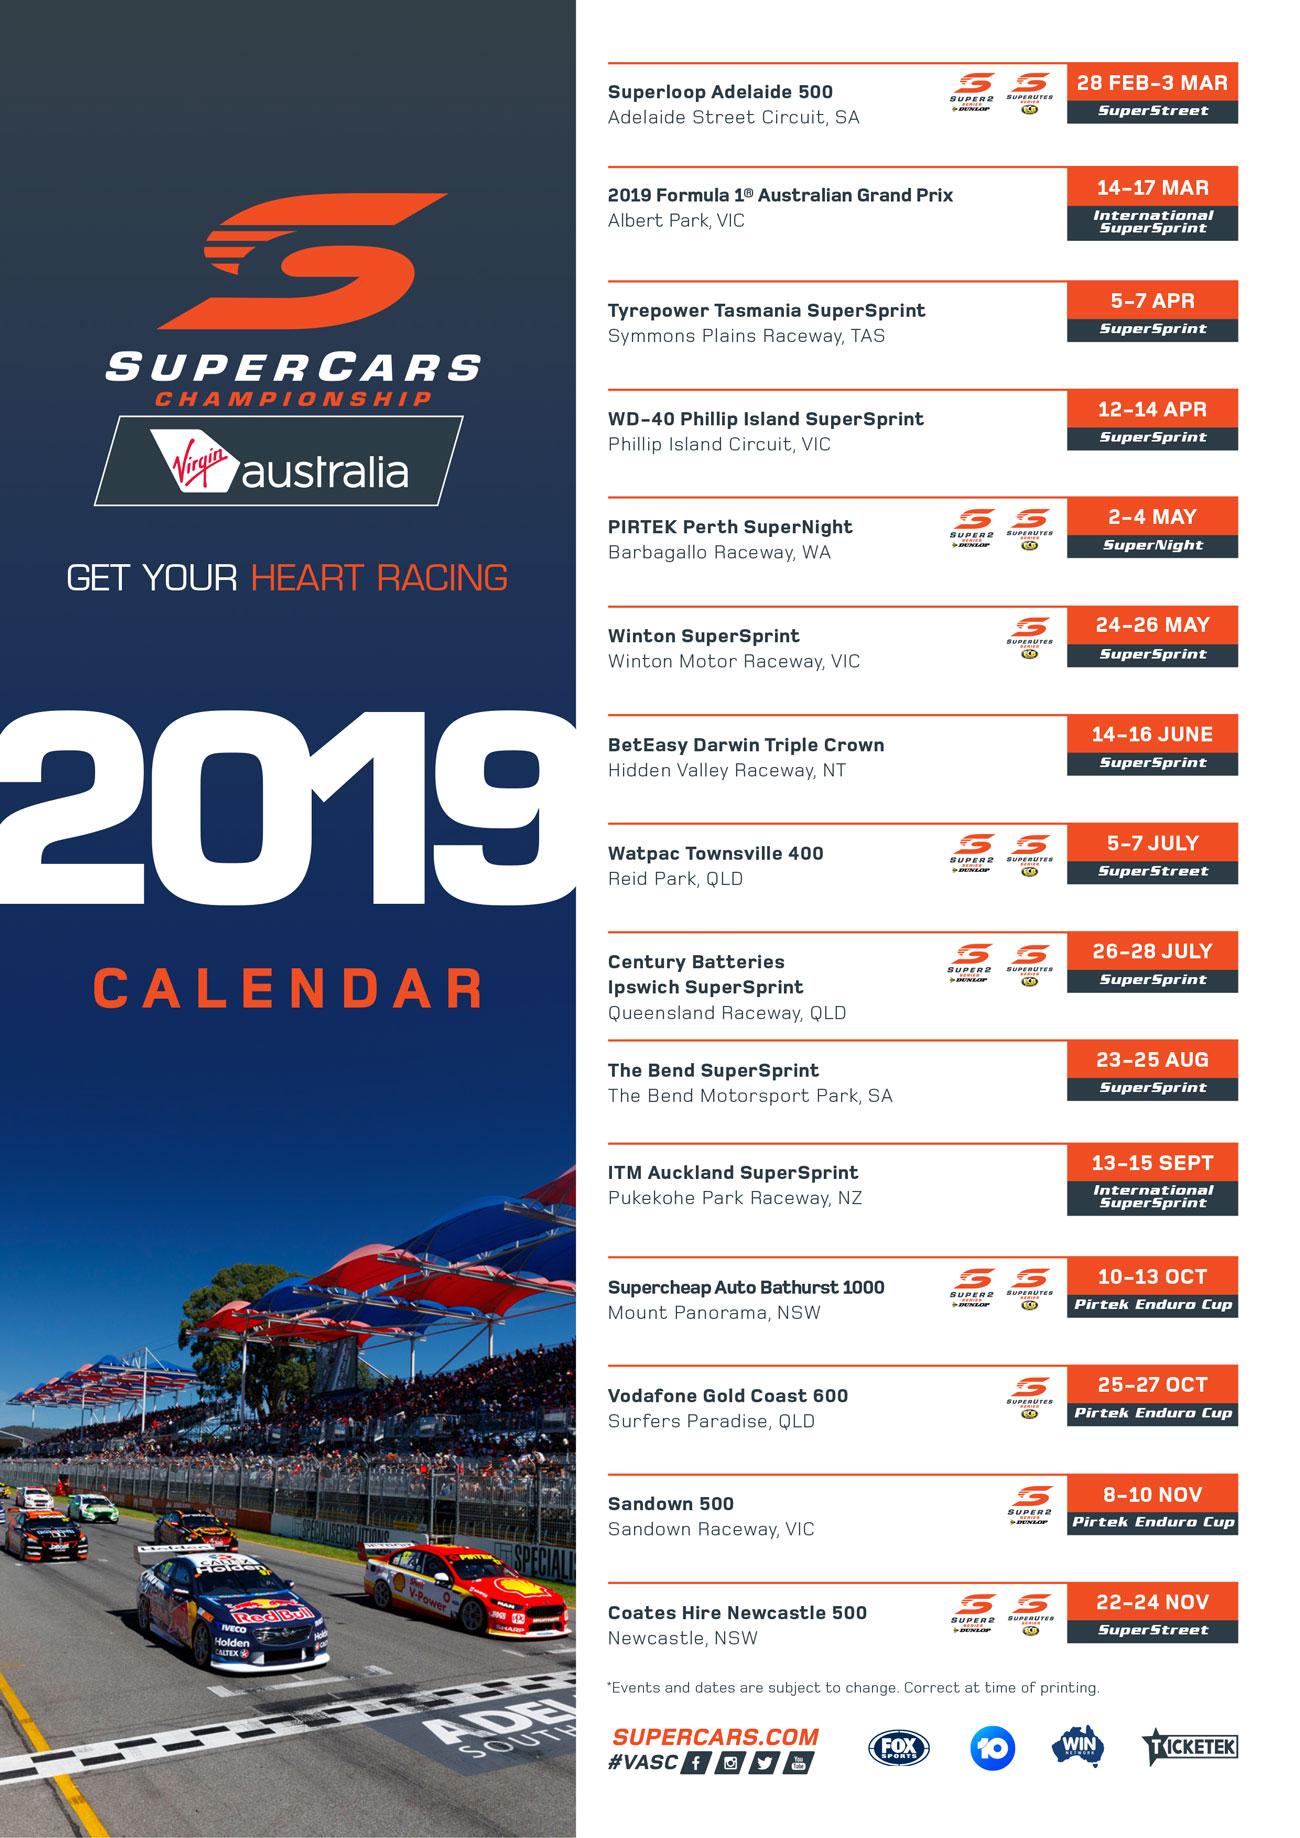 V8 Supercars Calendar 2019 Calendar   David Reynolds